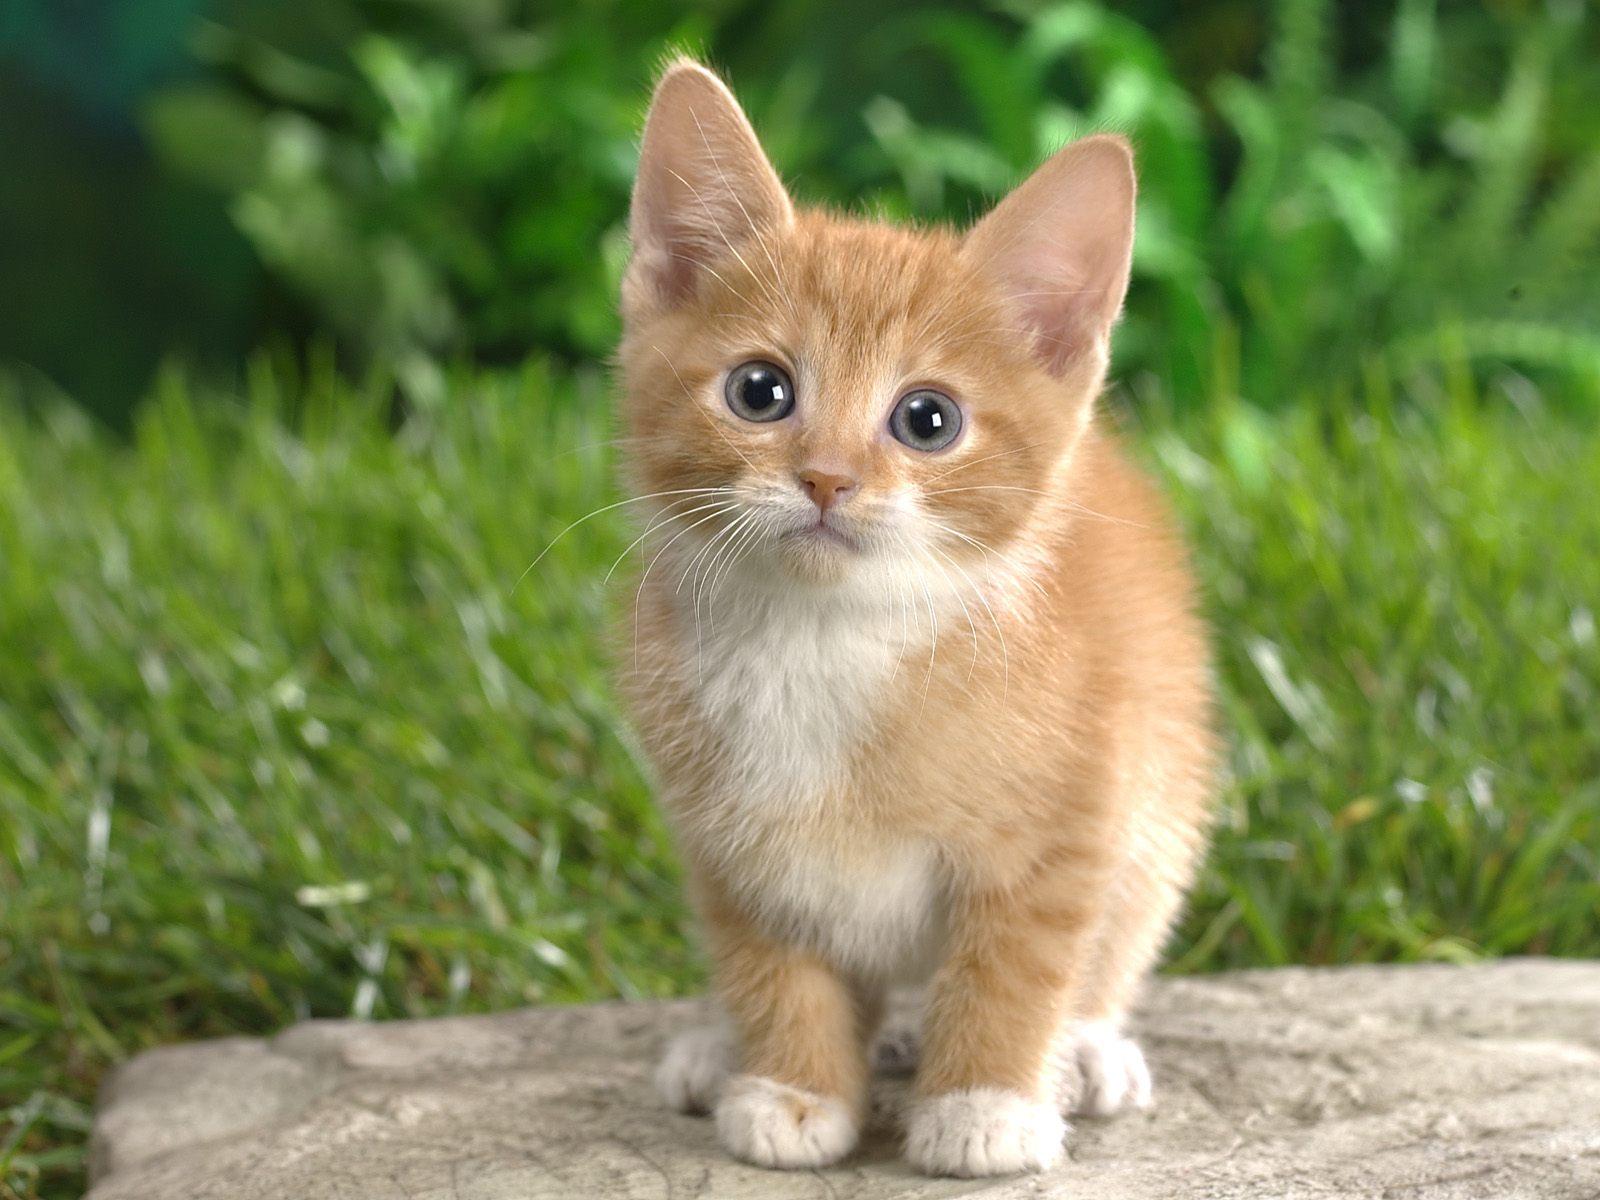 gambar kucing lucu bergerak - gambar kucing - gambar kucing lucu bergerak